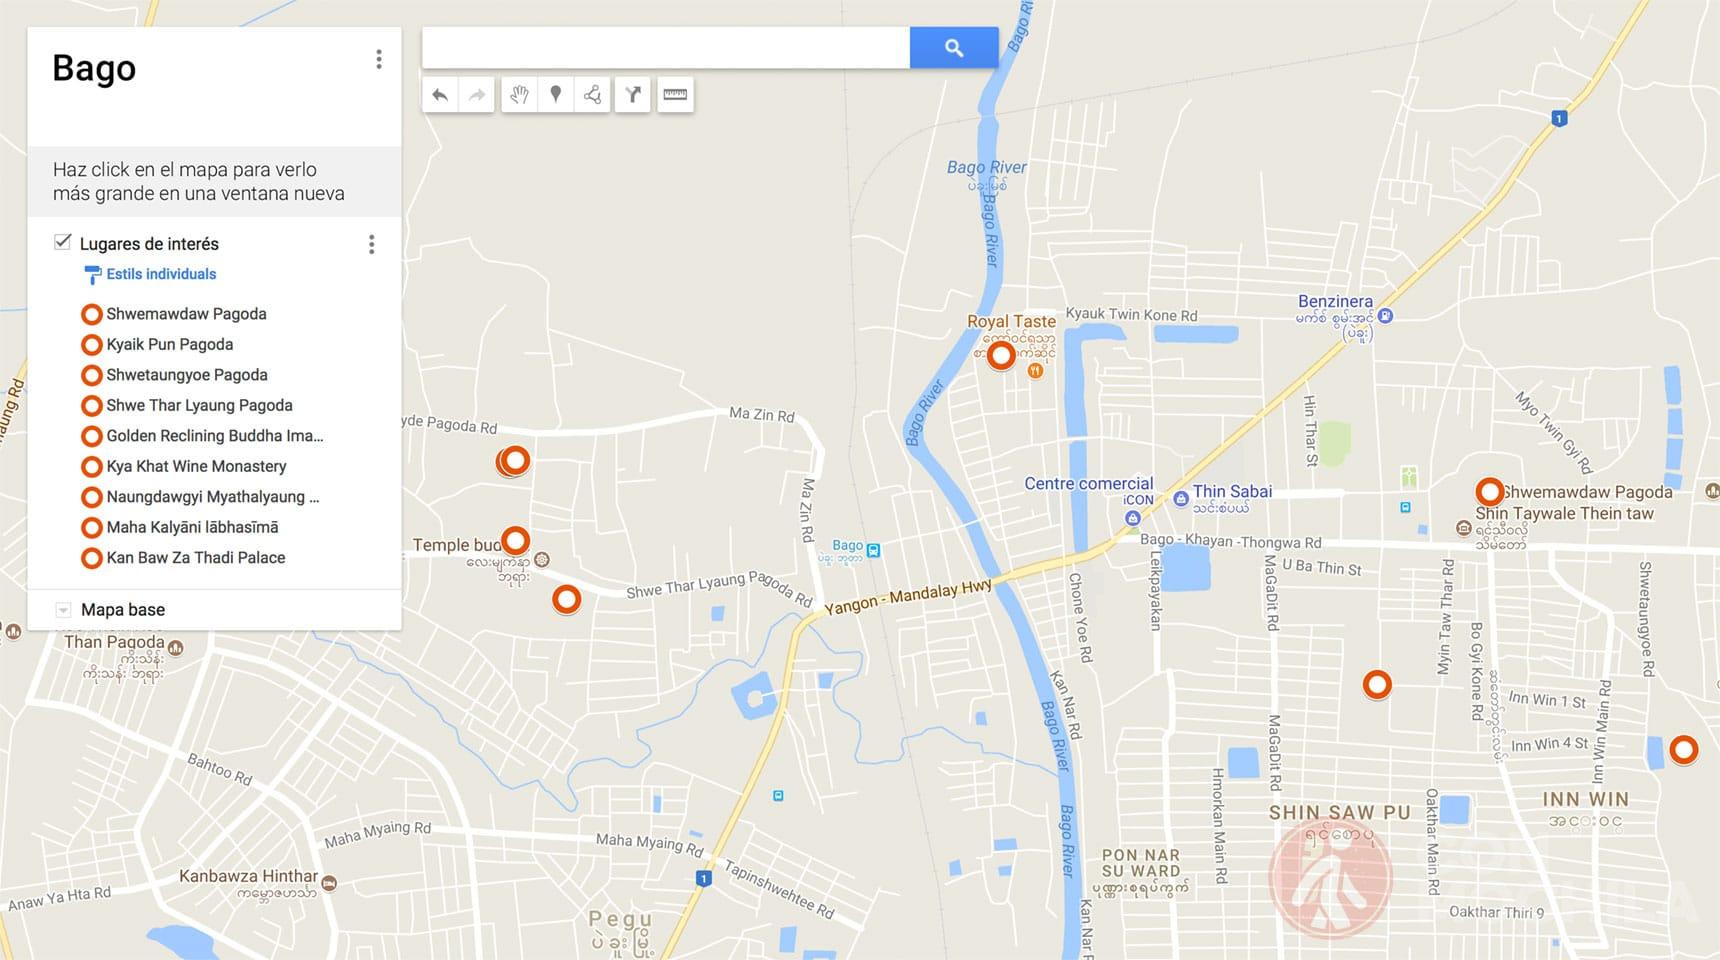 Mapa de Bago